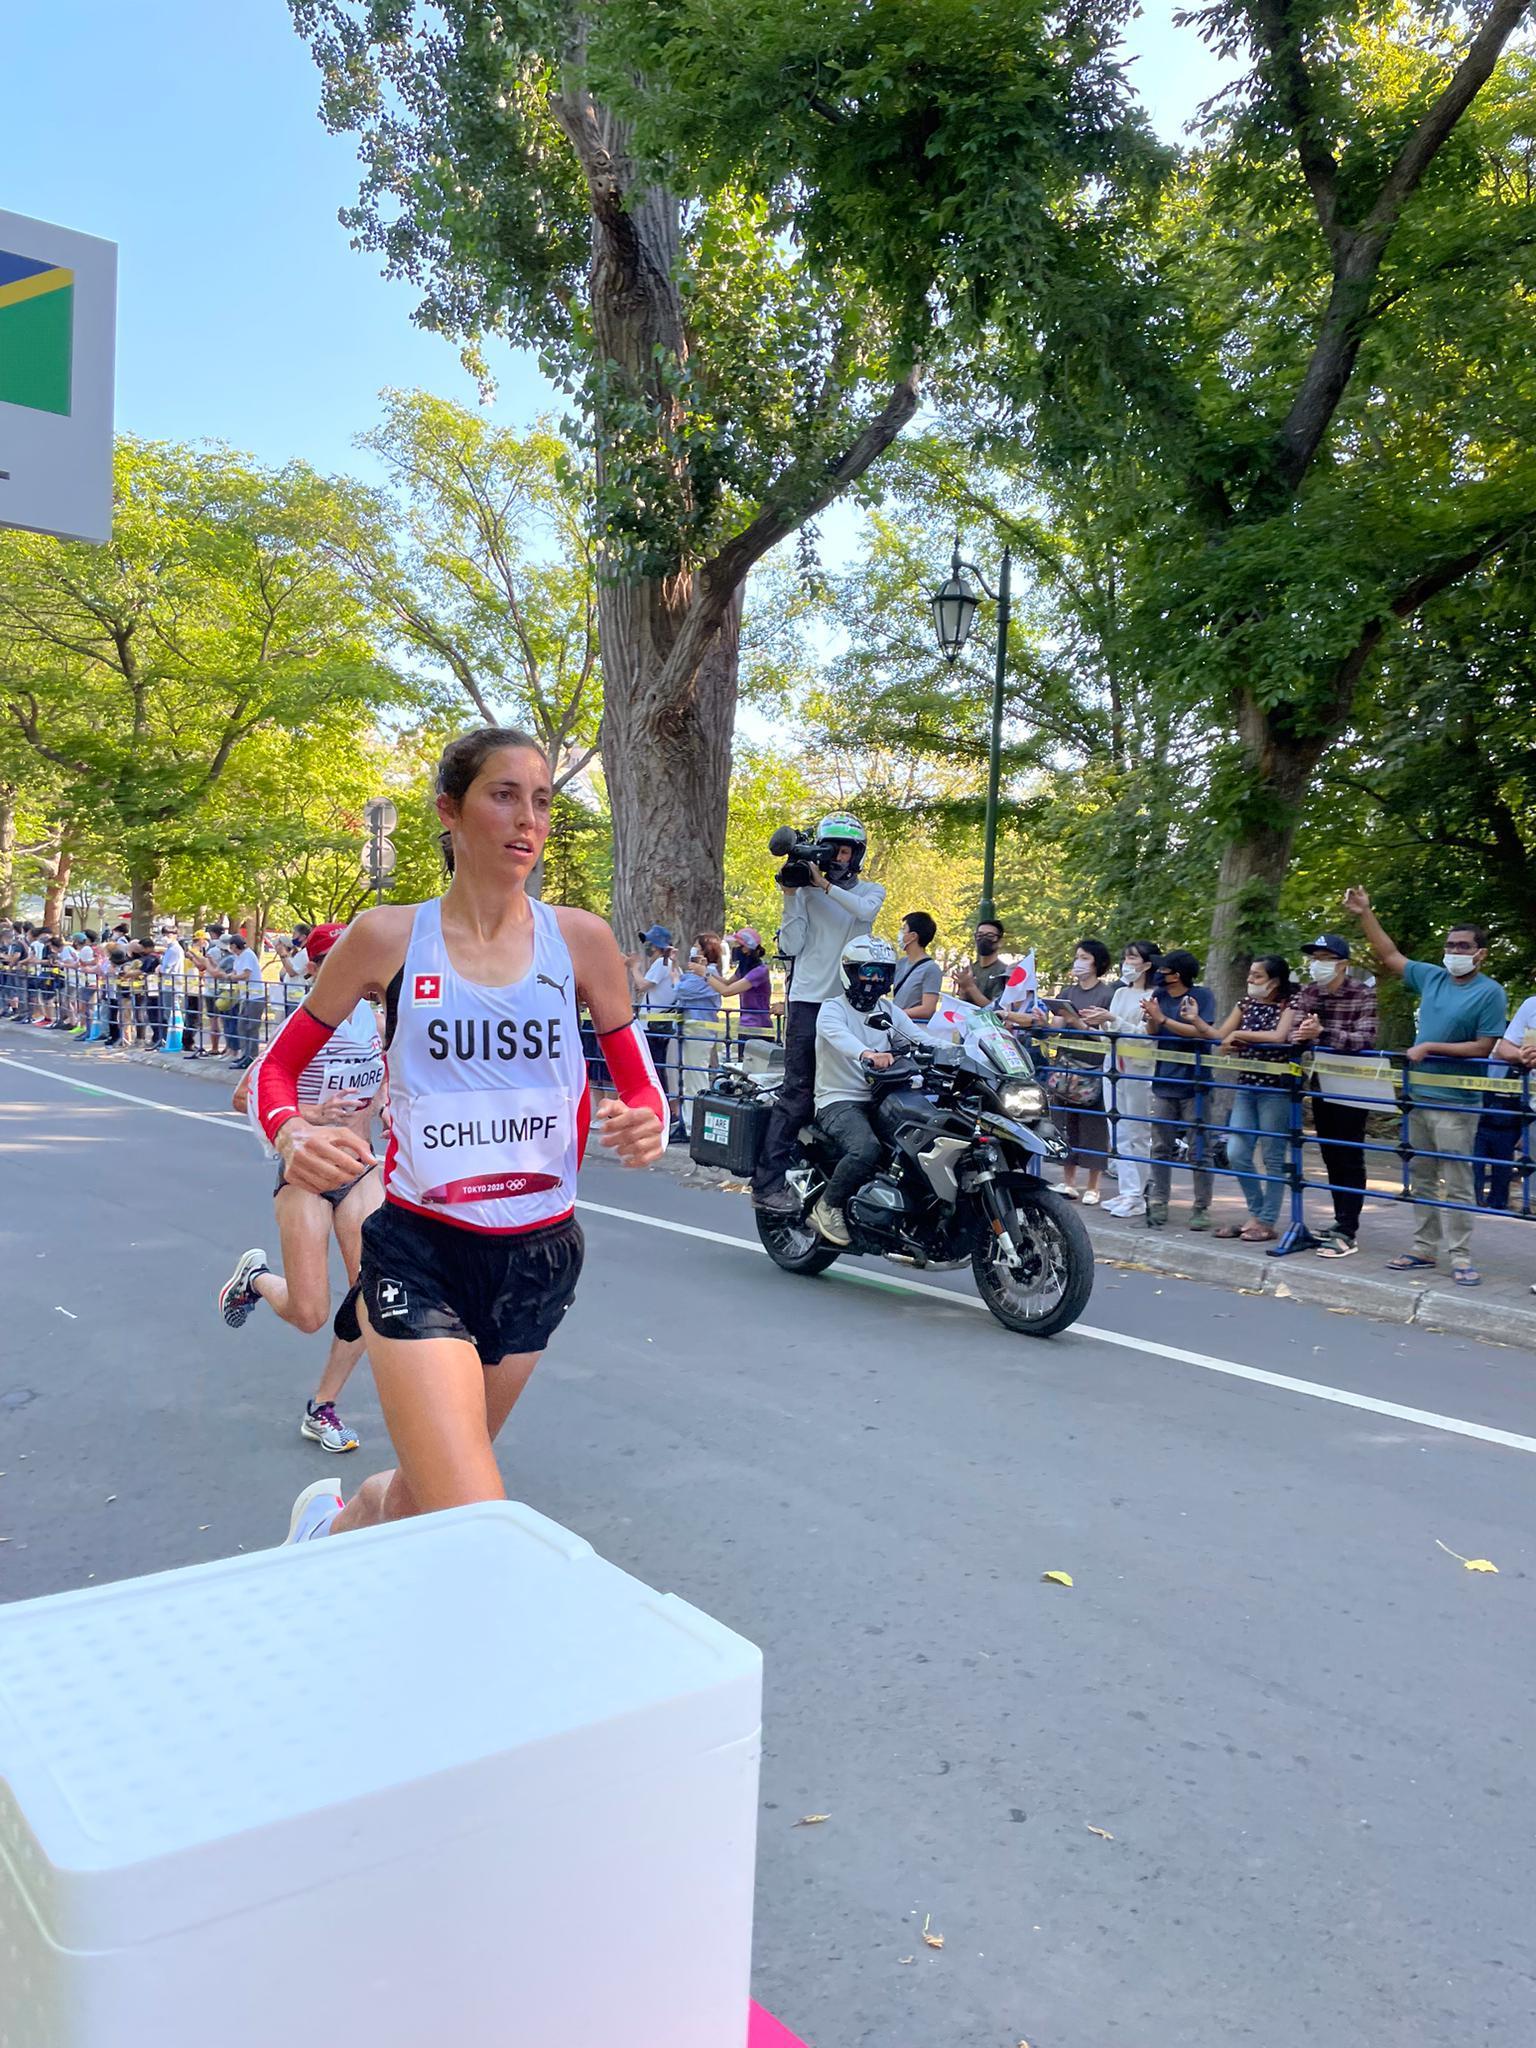 Urs würdigt die Olympia Teilnahme von Fabienne Schlumpf in Tokiyo